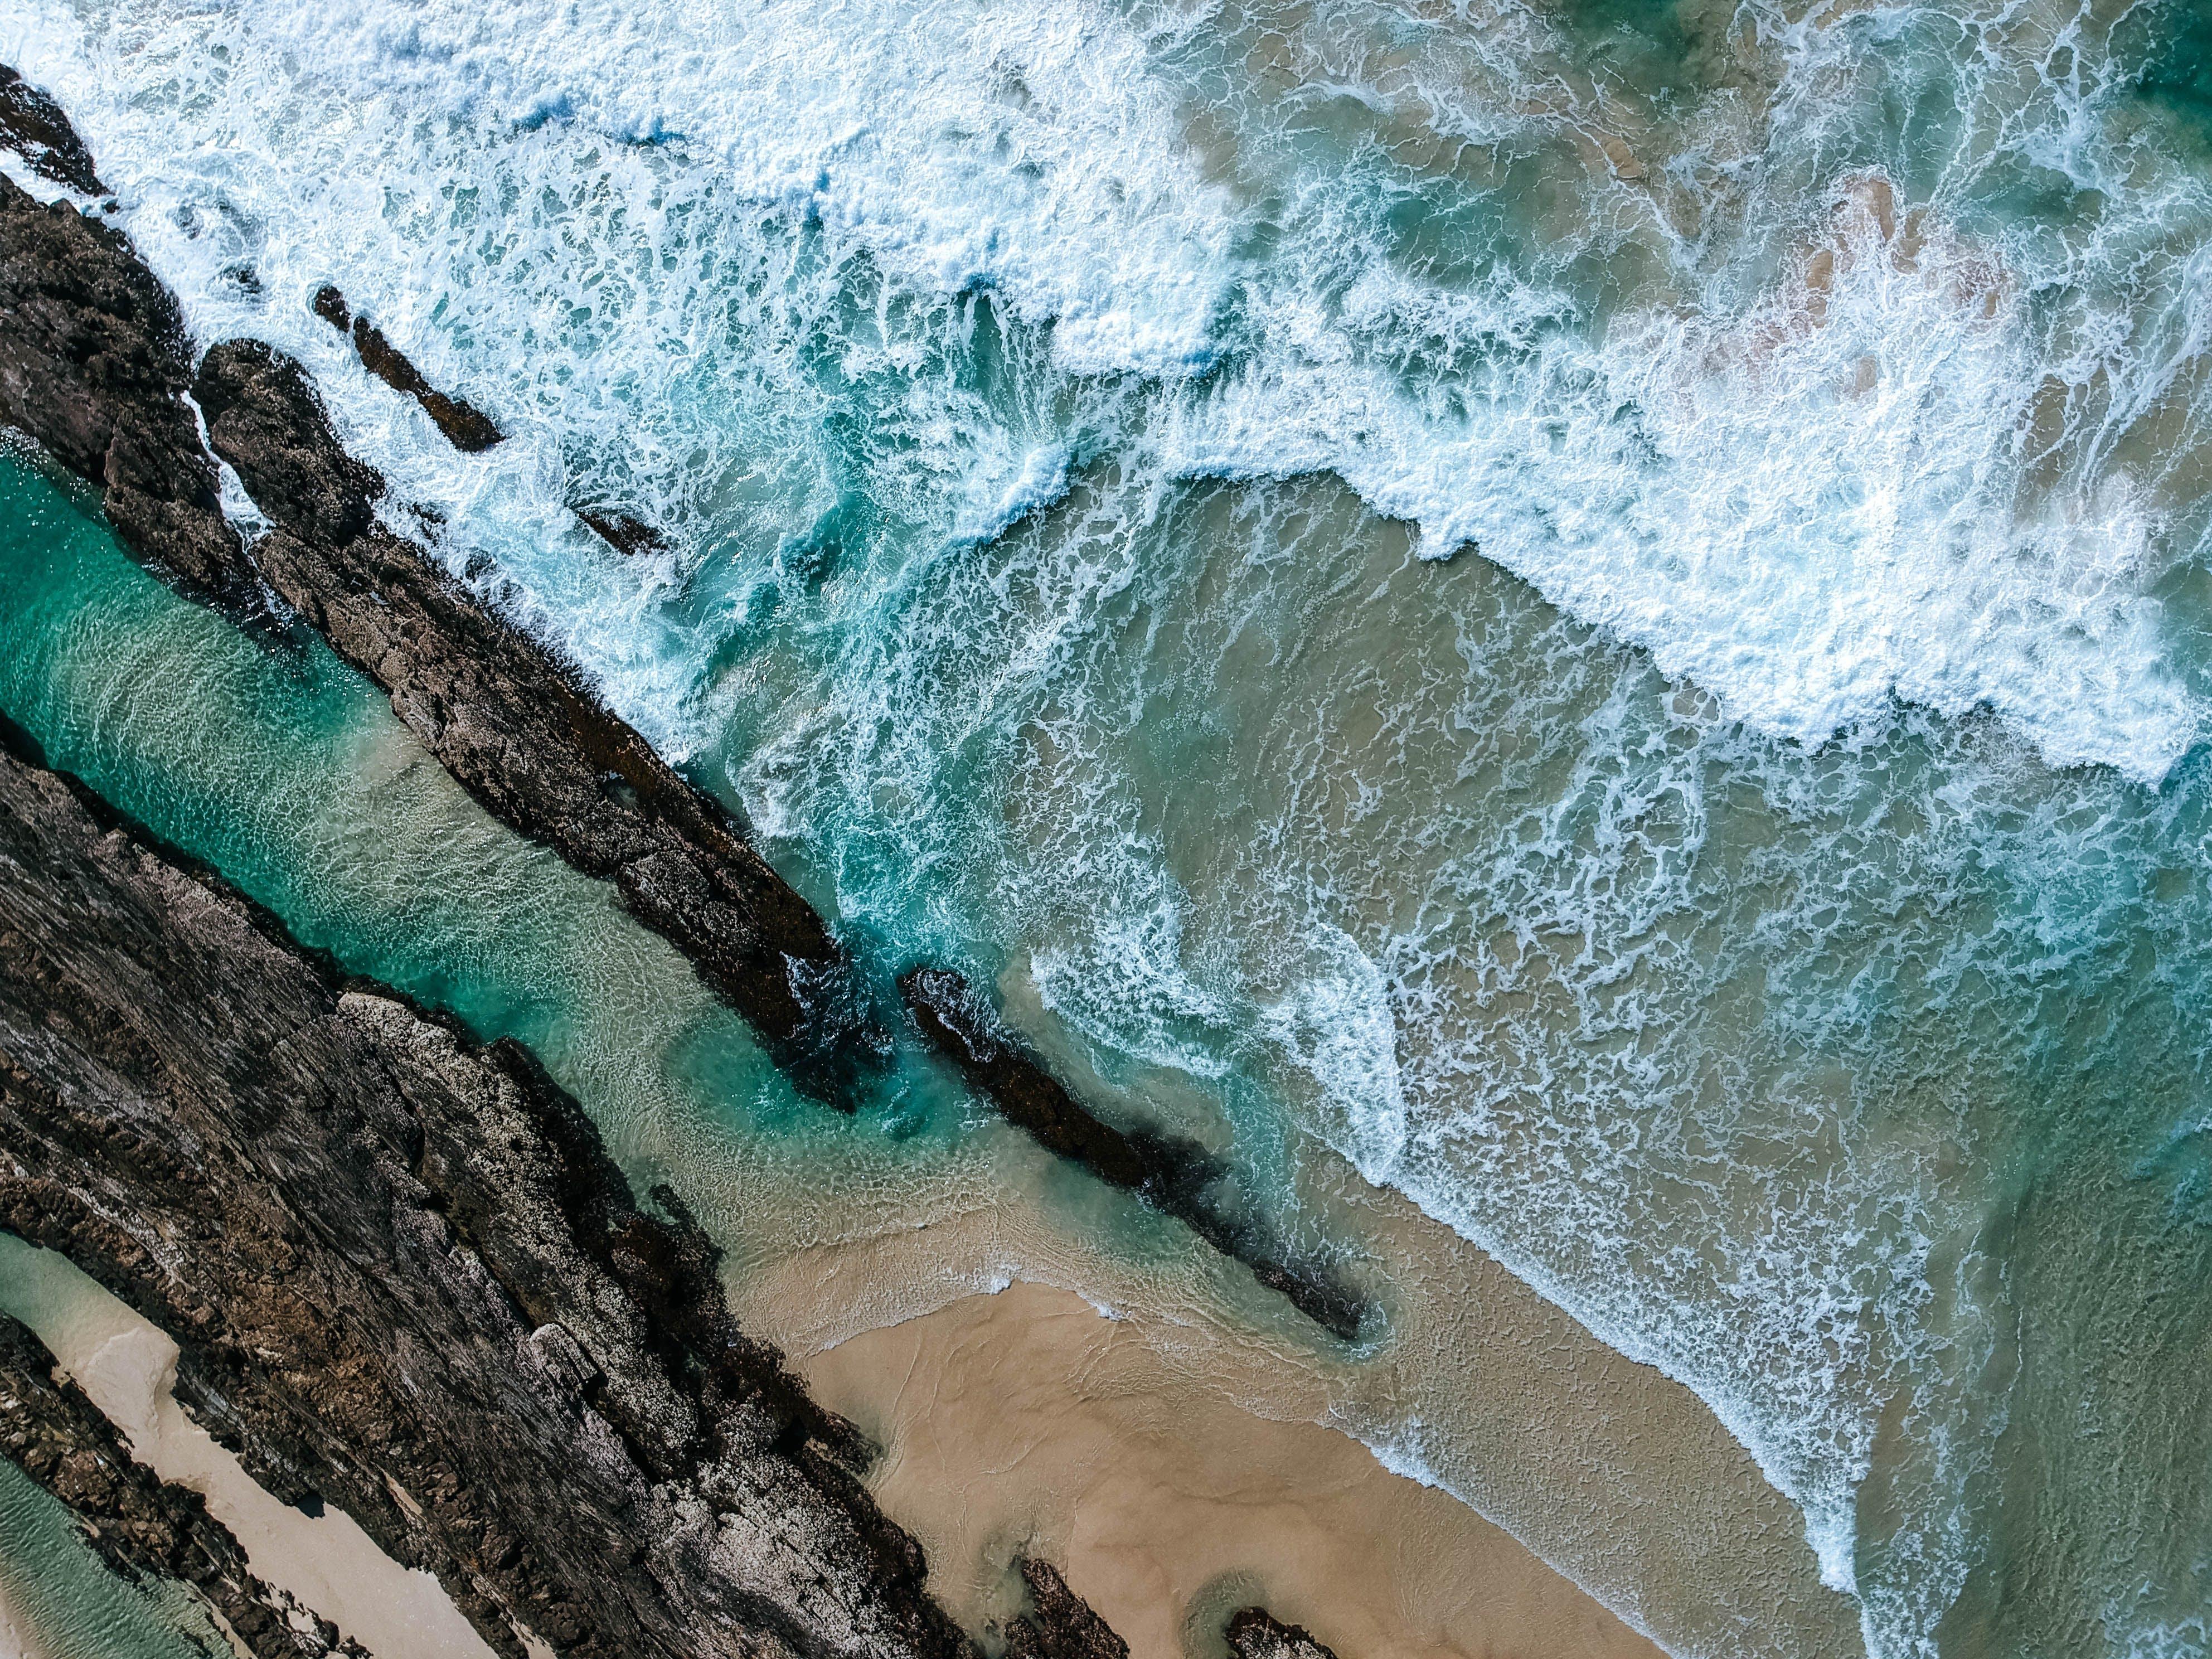 Aerial View of Ocean Wave